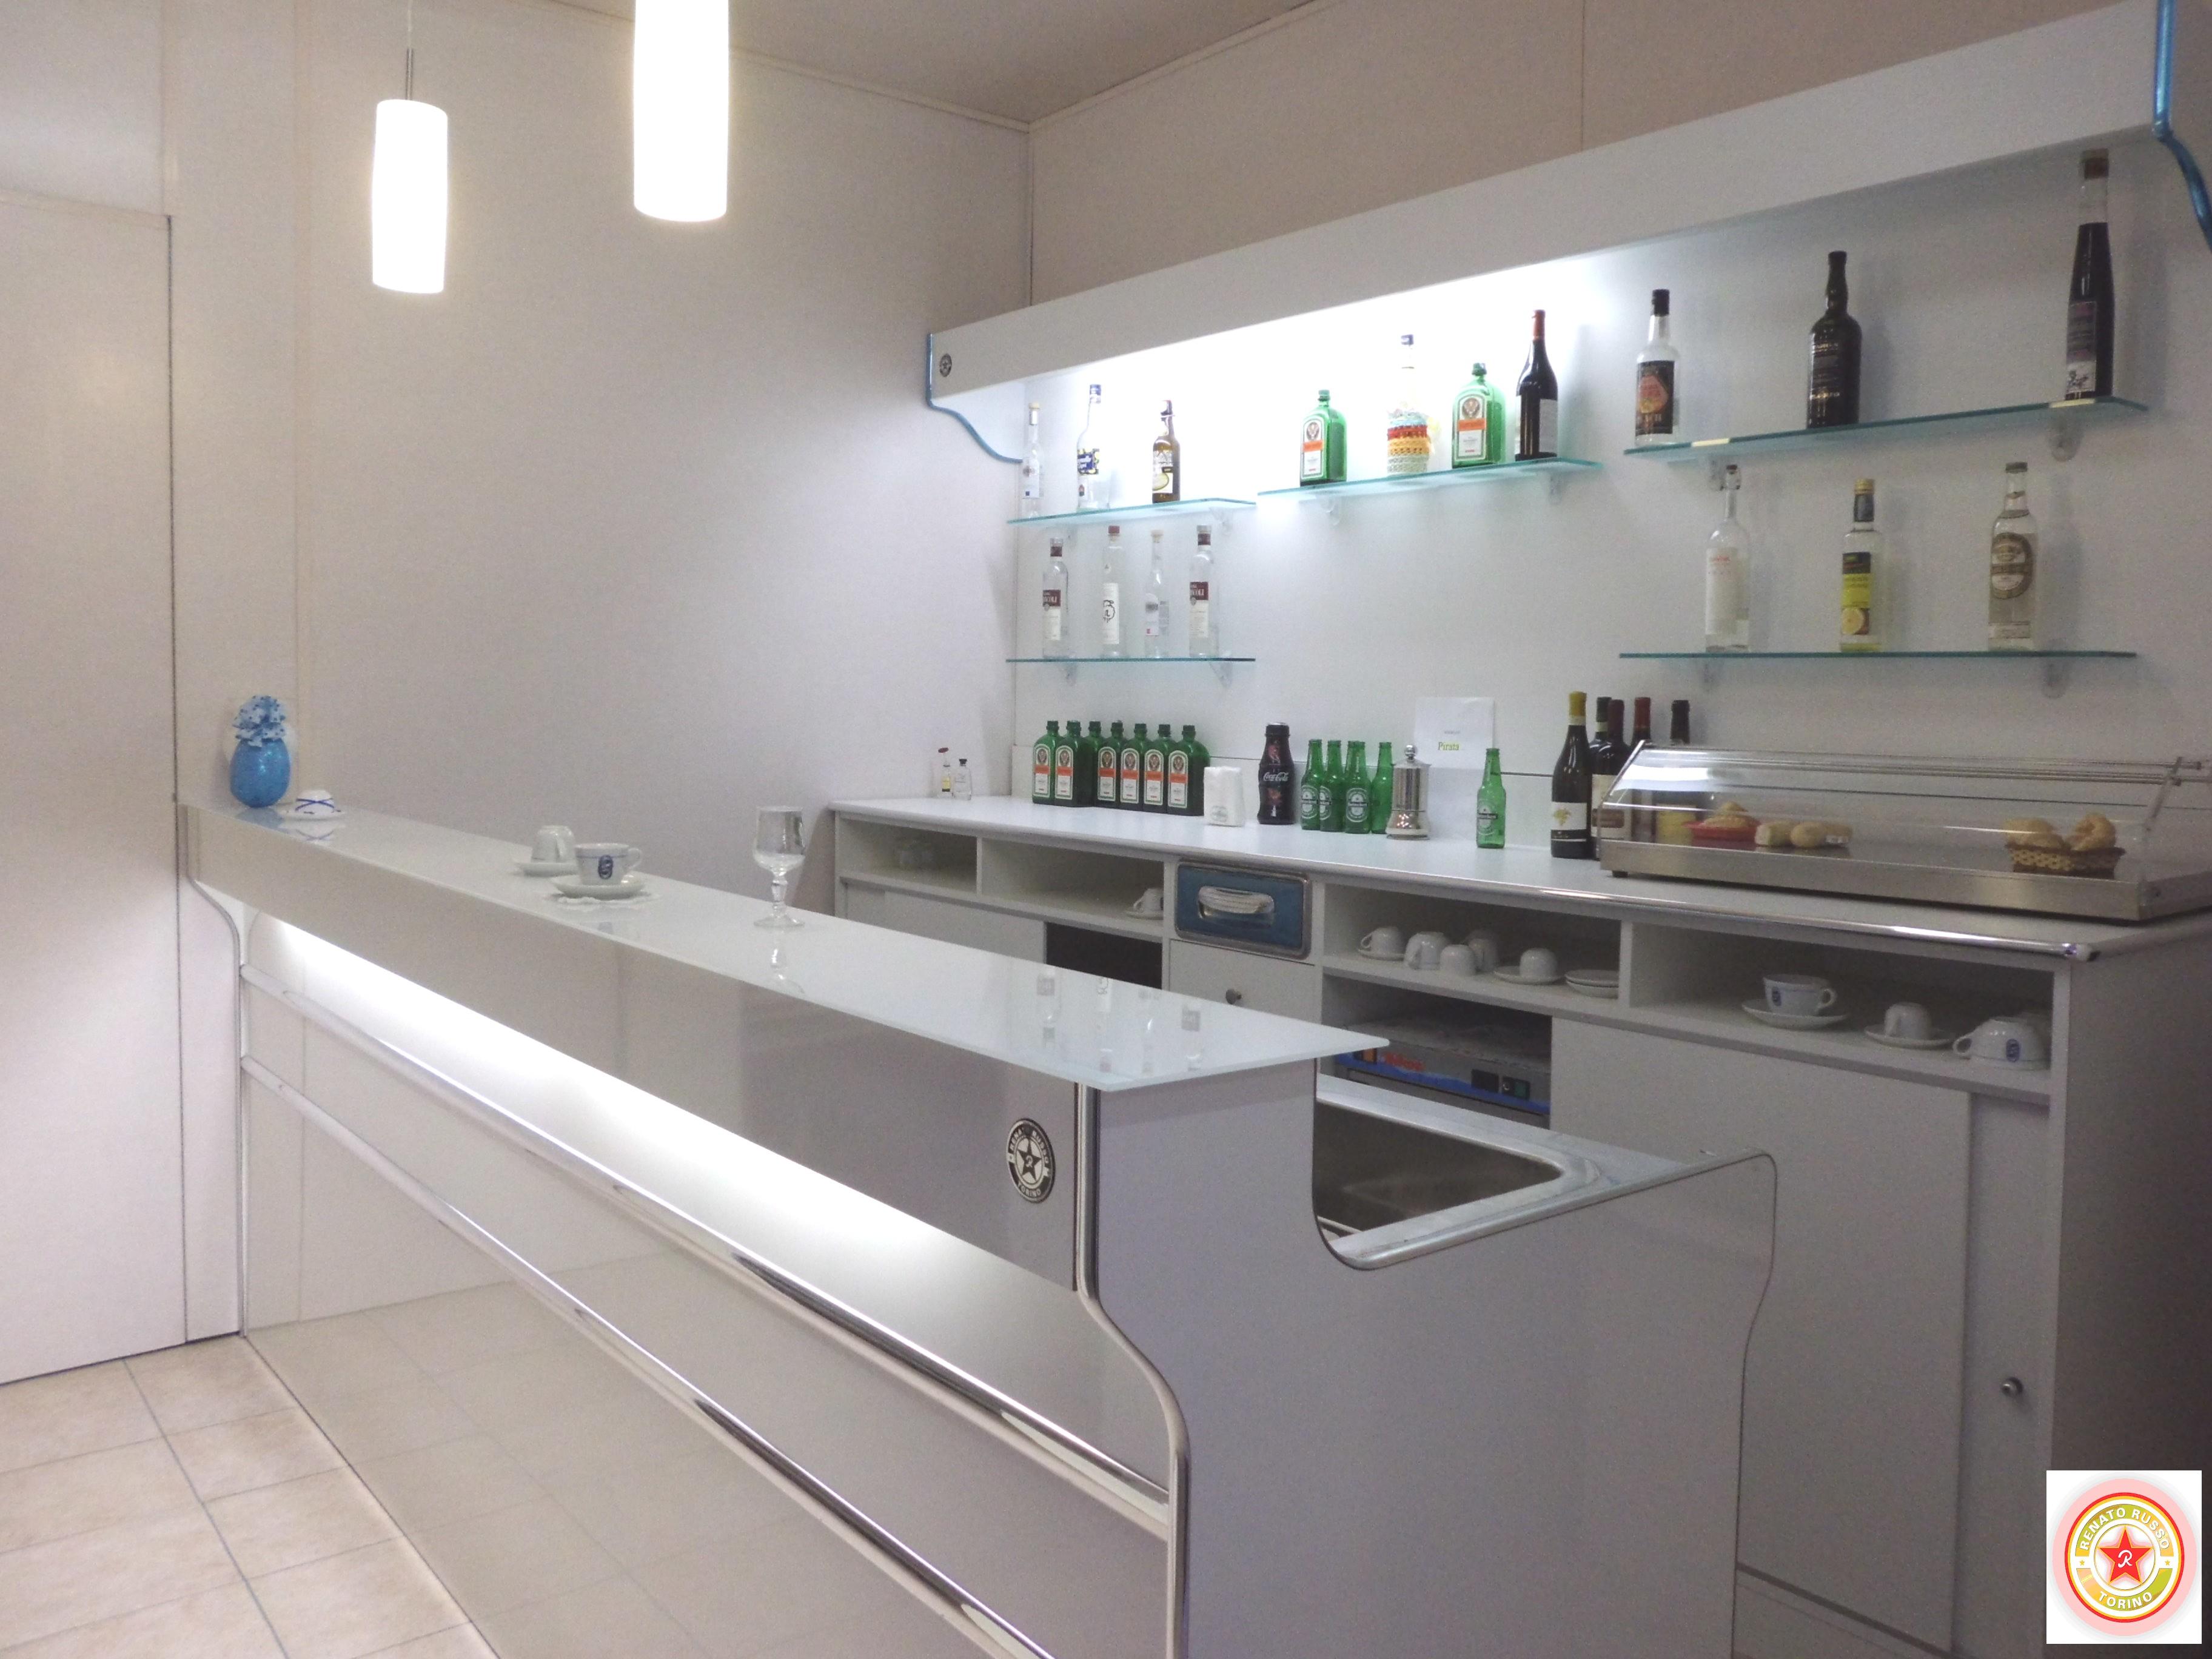 Banchi bar calbria compra in fabbrica banconi bar - Bancone bar casa ...